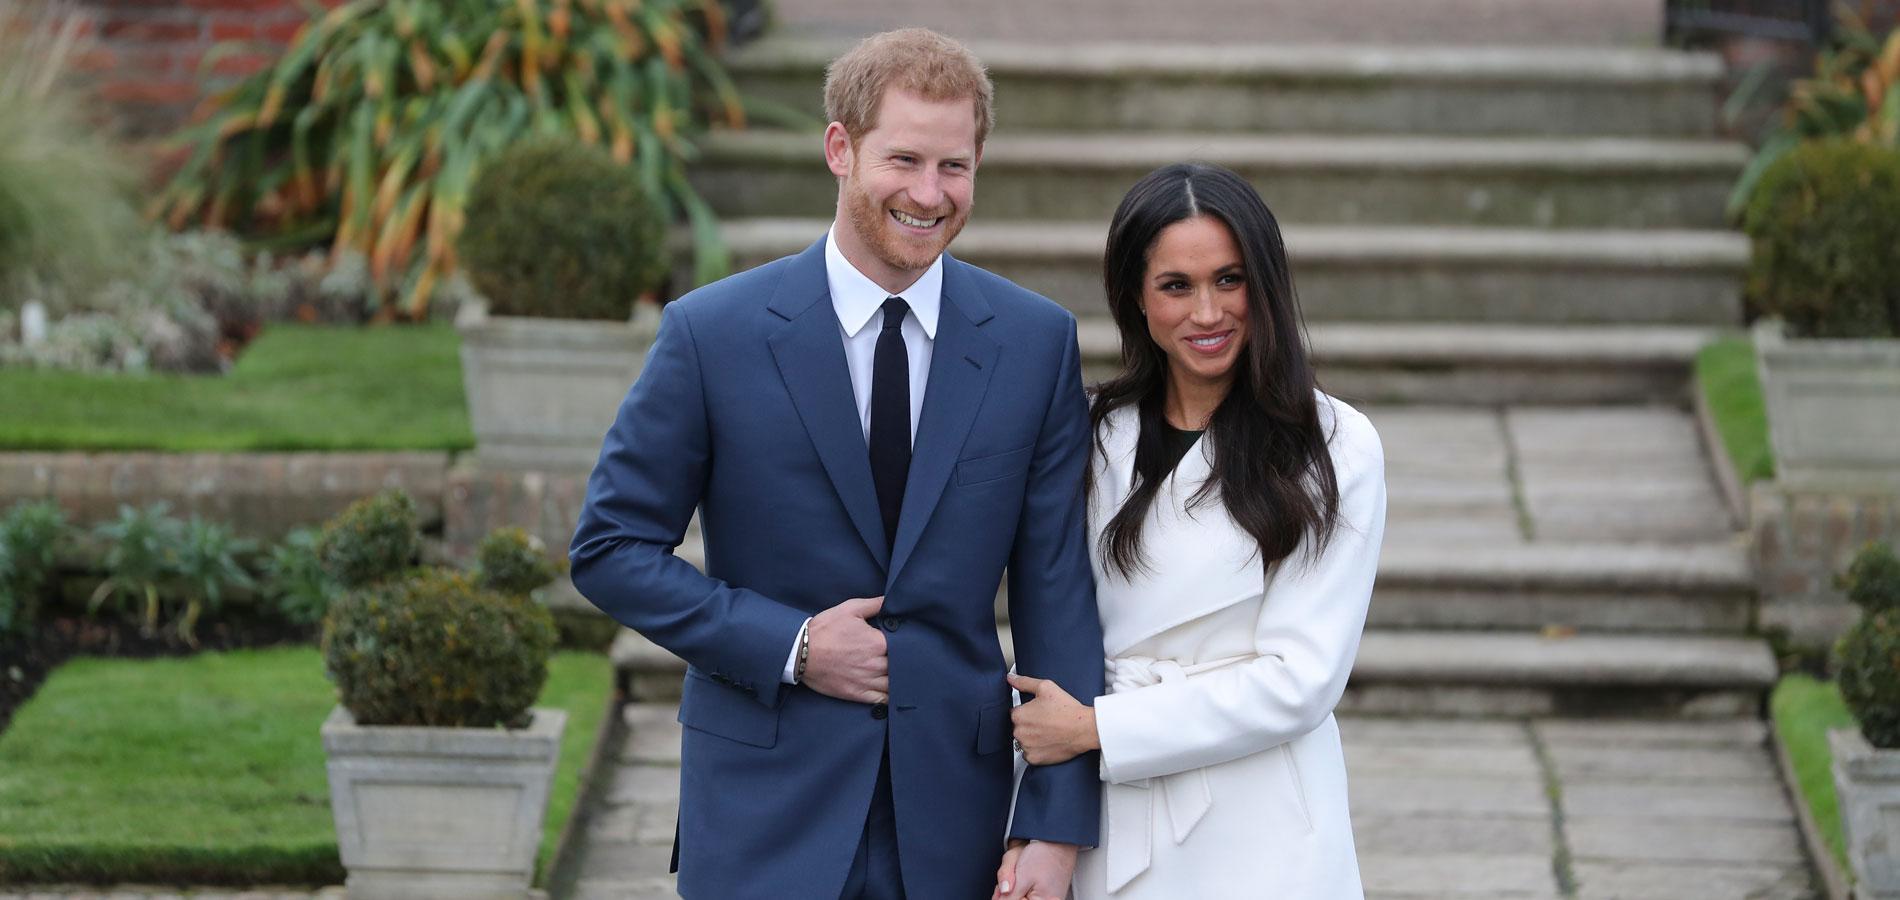 Le prince Harry et Meghan Markle officialisent leurs fiançailles dans les jardins de Kensington